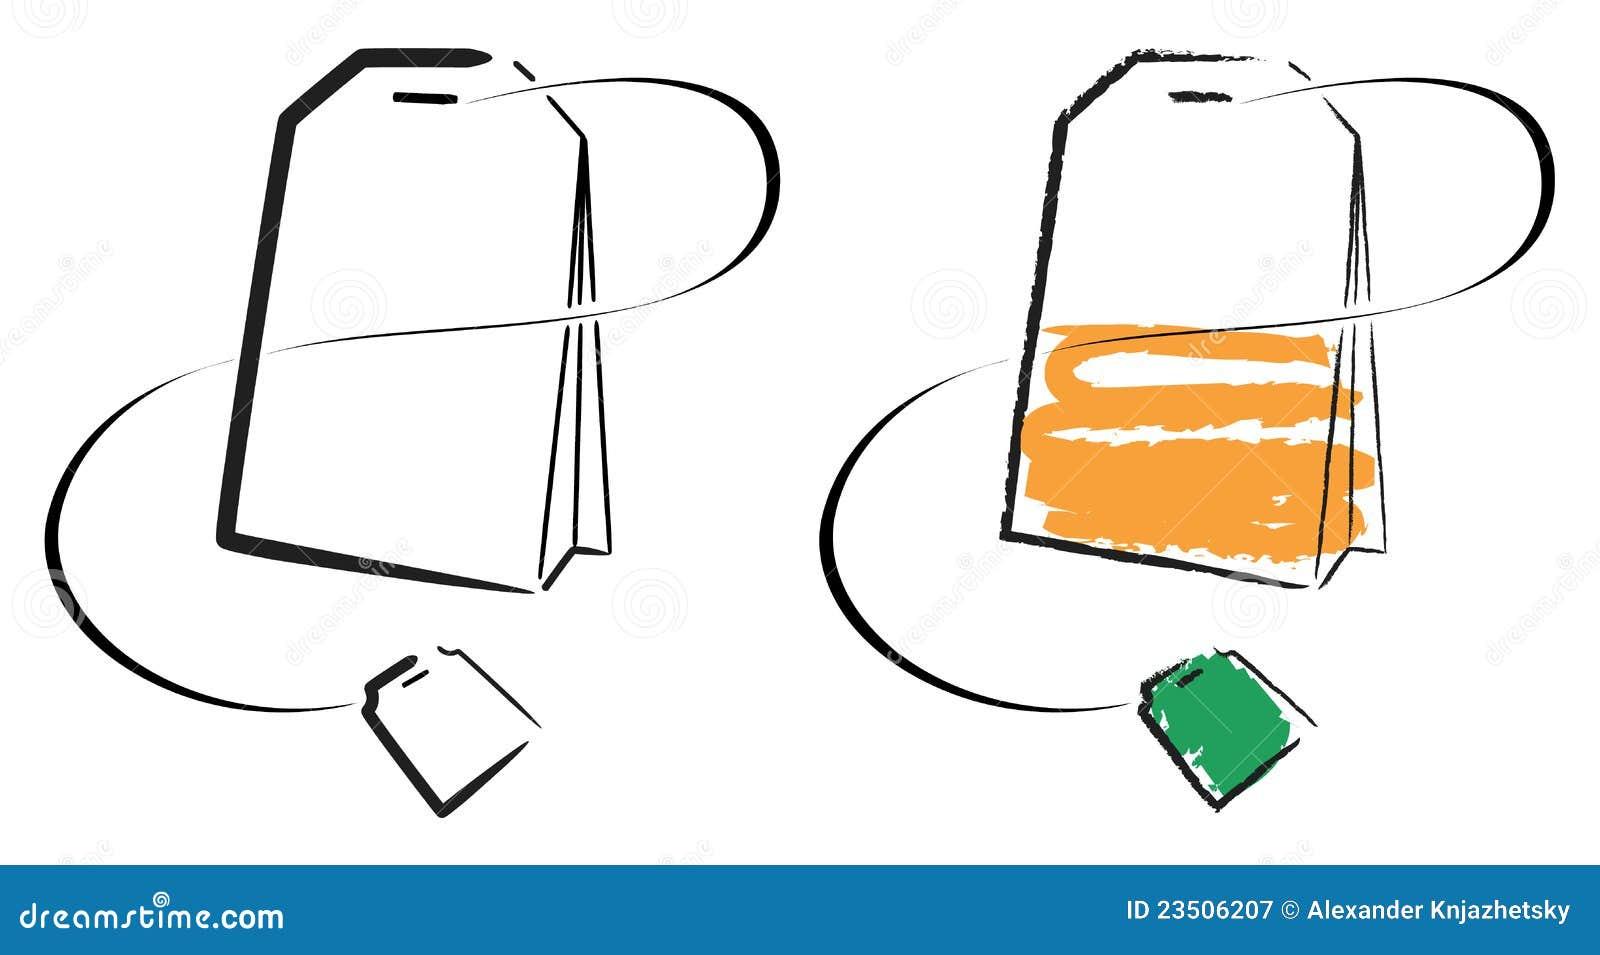 Line Art Software Free Download : Tea bag stock illustration of close black